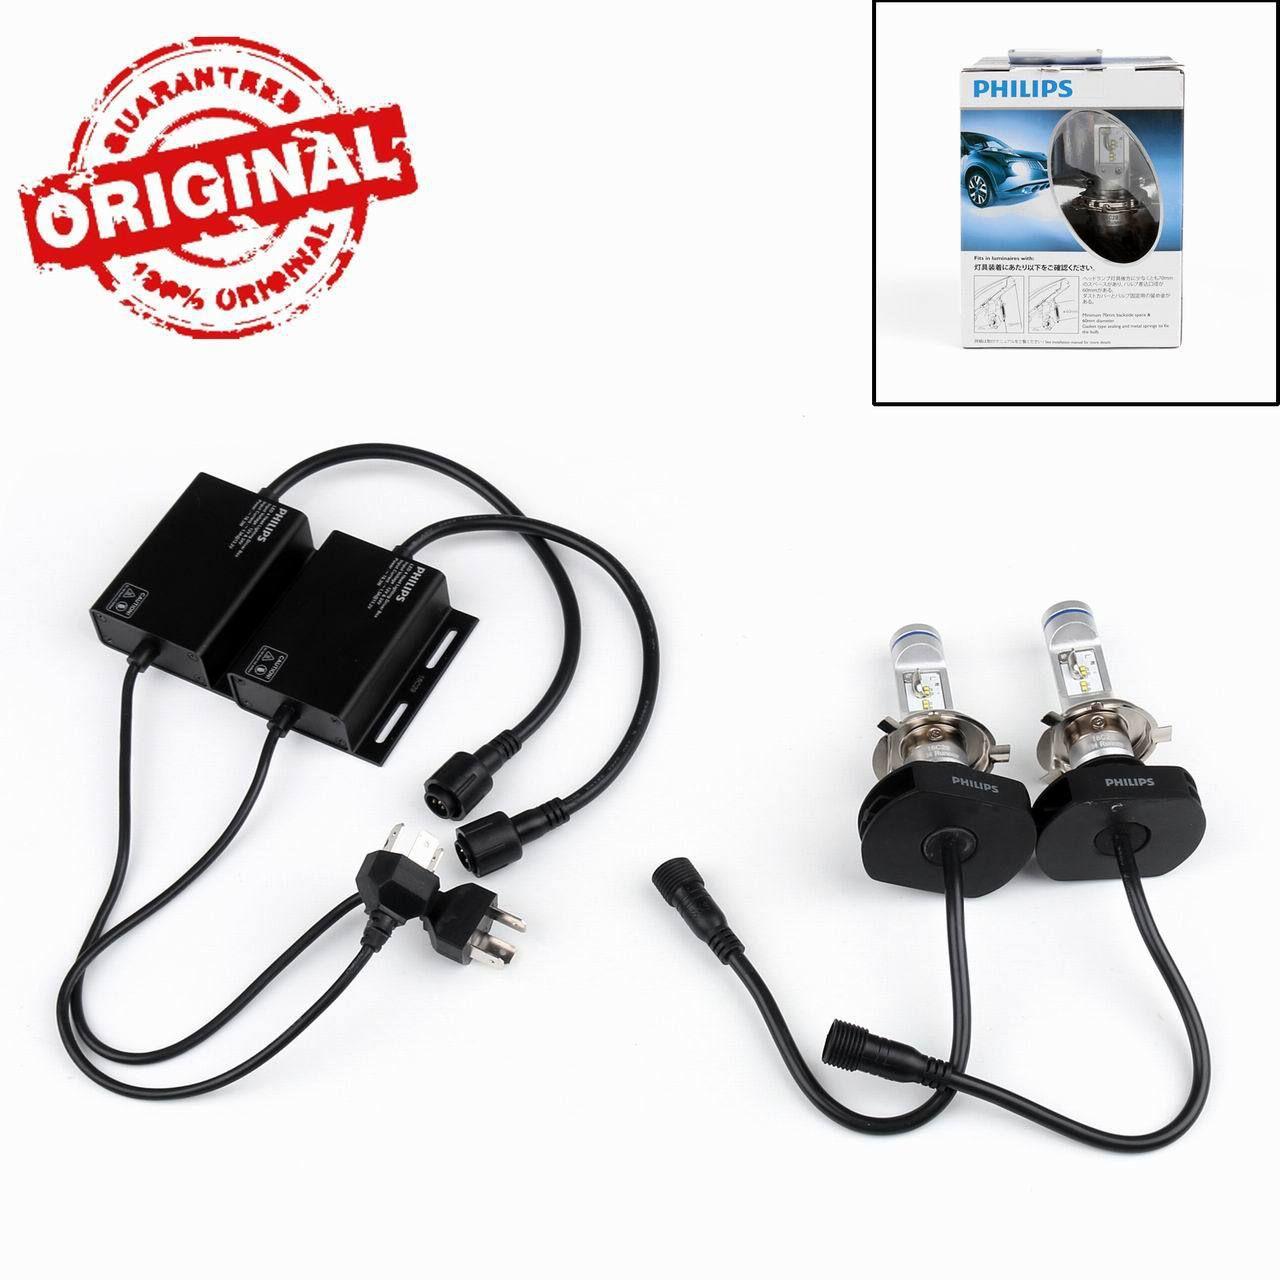 Mad Hornets Philips H4 Bulbs 16 3w X Treme Ultinon Led Car Headlight Lamps High Led Headlights Cars Headlights Bulb